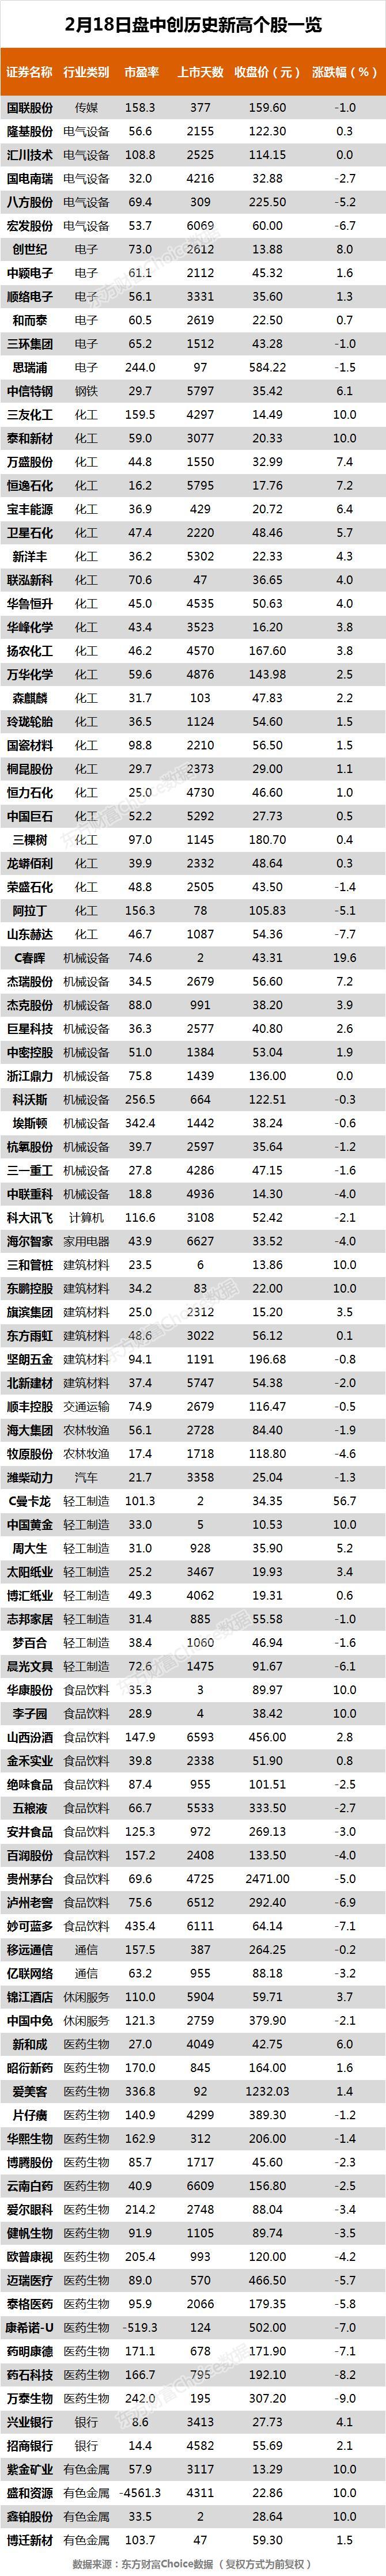 市场上3600多股收盘,贵州茅台和三一重工等104股创下历史新高